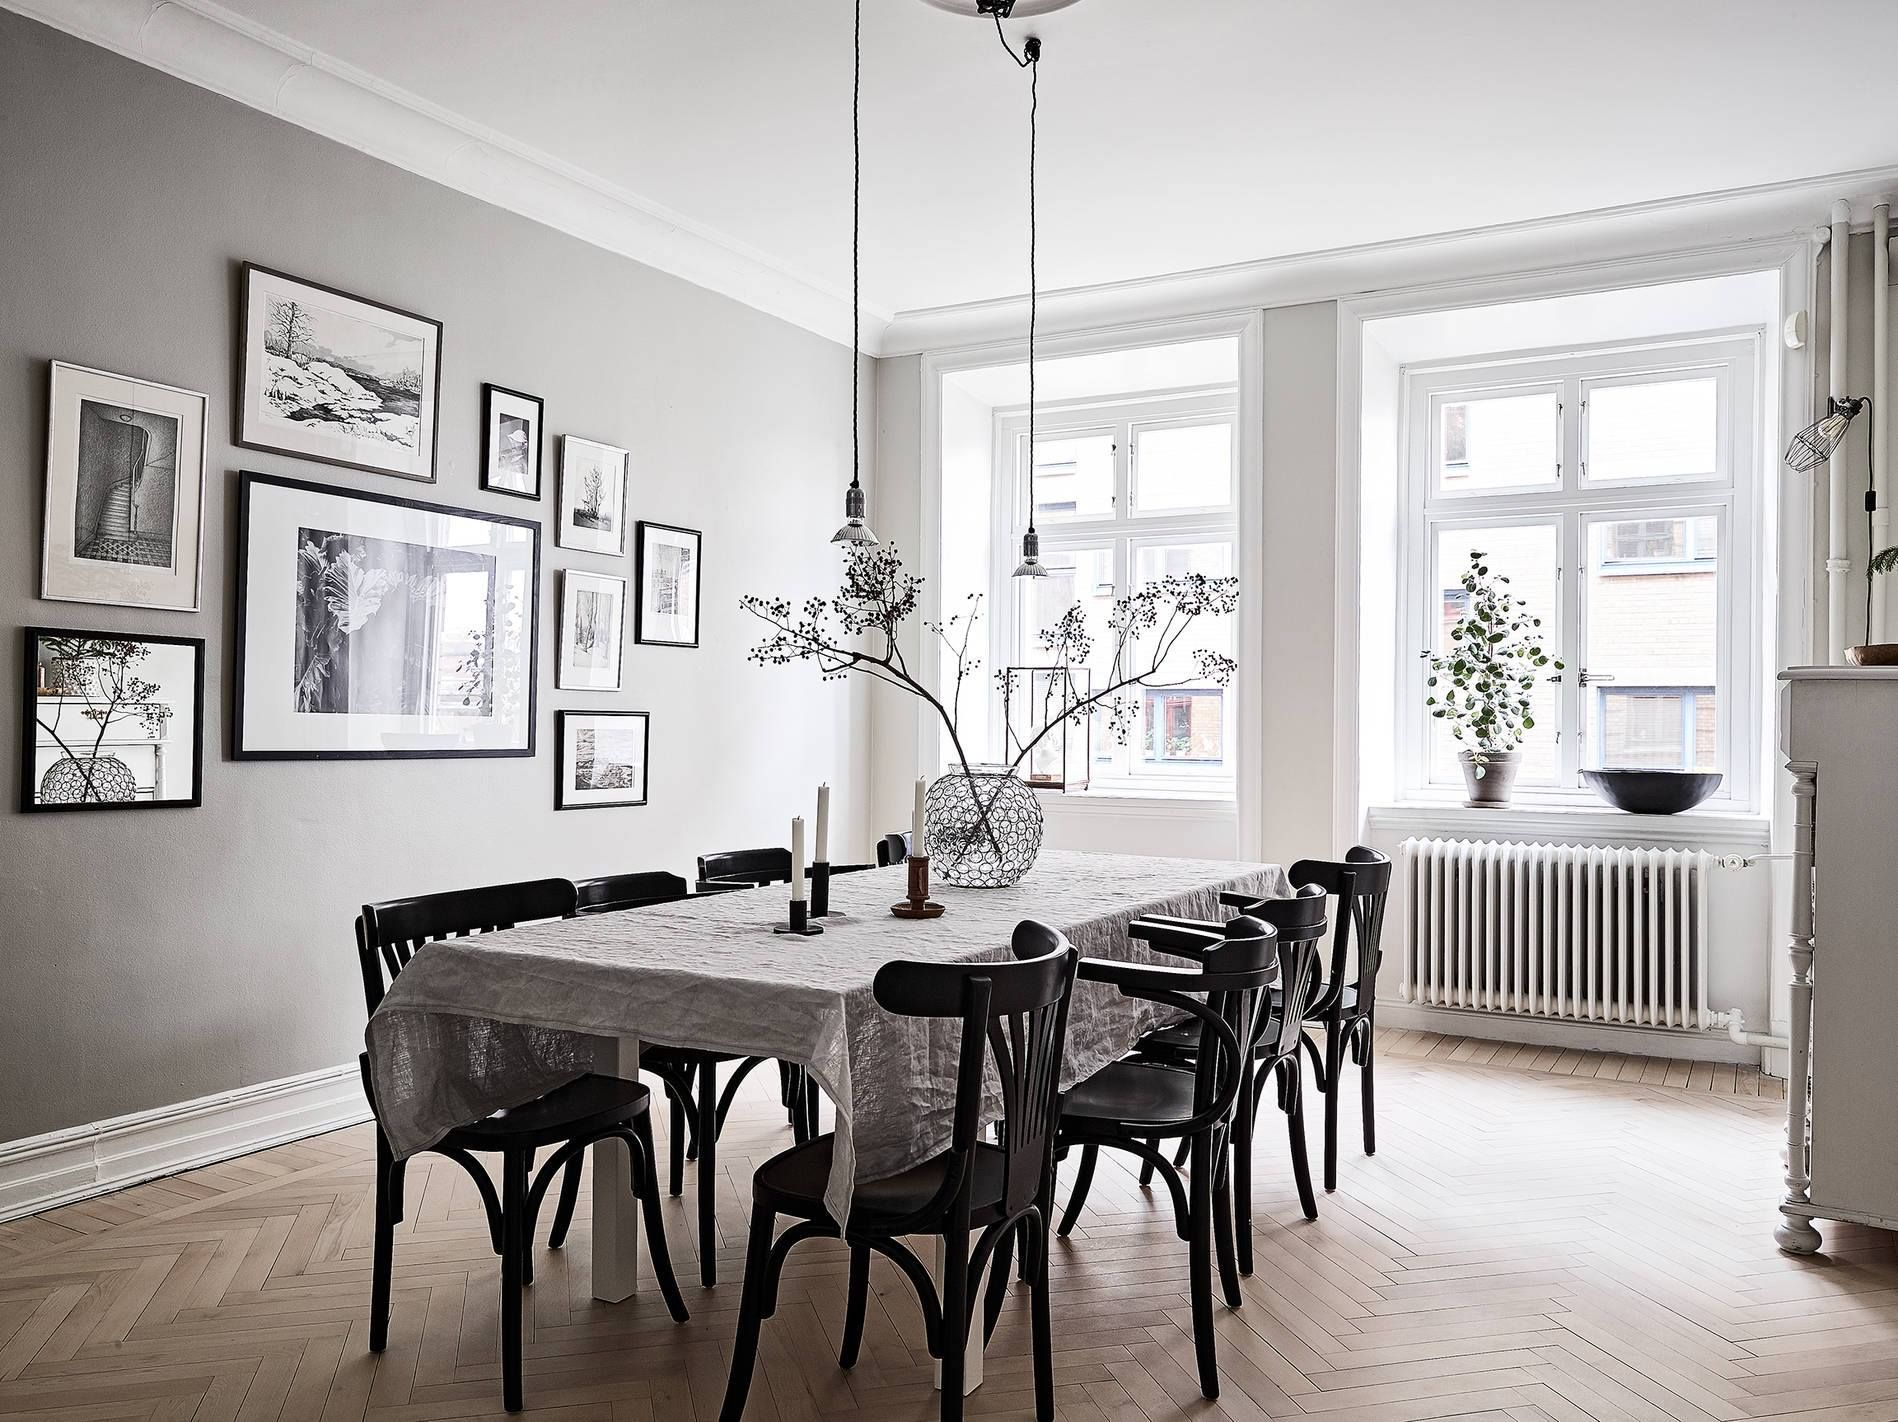 Ihr Braucht Ideen Zur Esszimmer Wandgestaltung? Dann Schaut Her! Hängt  Einfach Große, Schwarze Bilderrahmen Versetzt Voneinander An Die Hinterwand  Eures ...